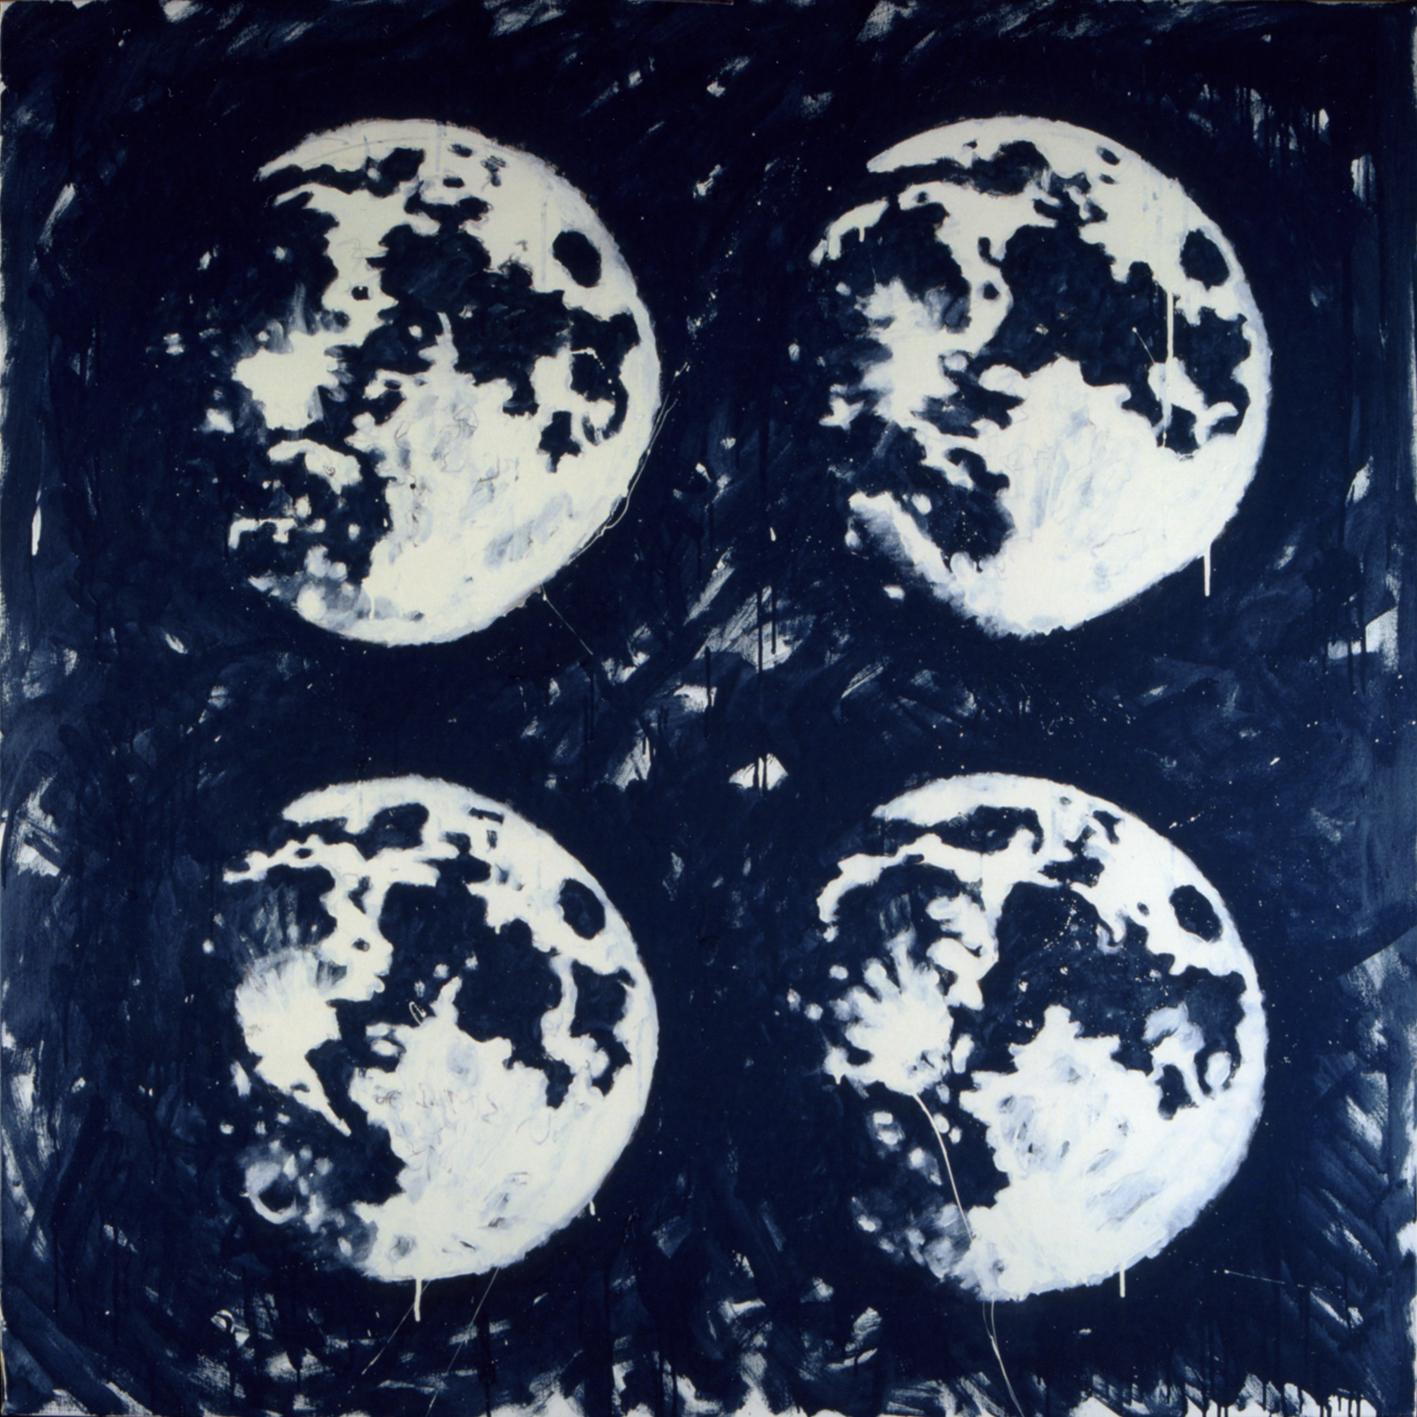 Quattro Lune(Four Moons)